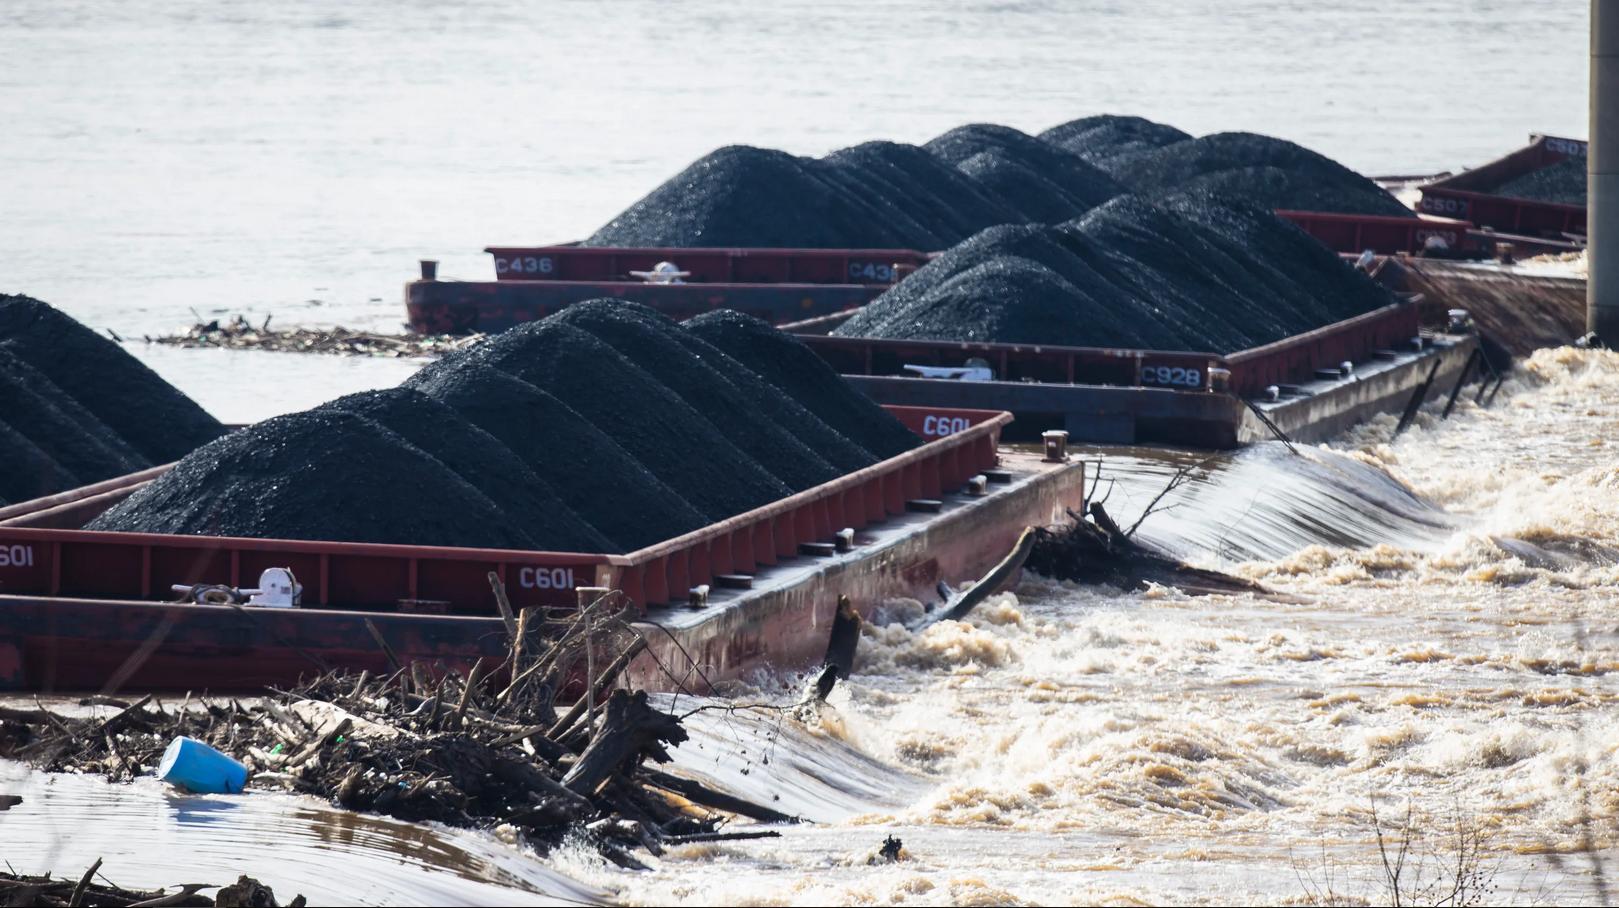 Как по заказу: история о том, как строка кода превратилась в килотонны угля - 1